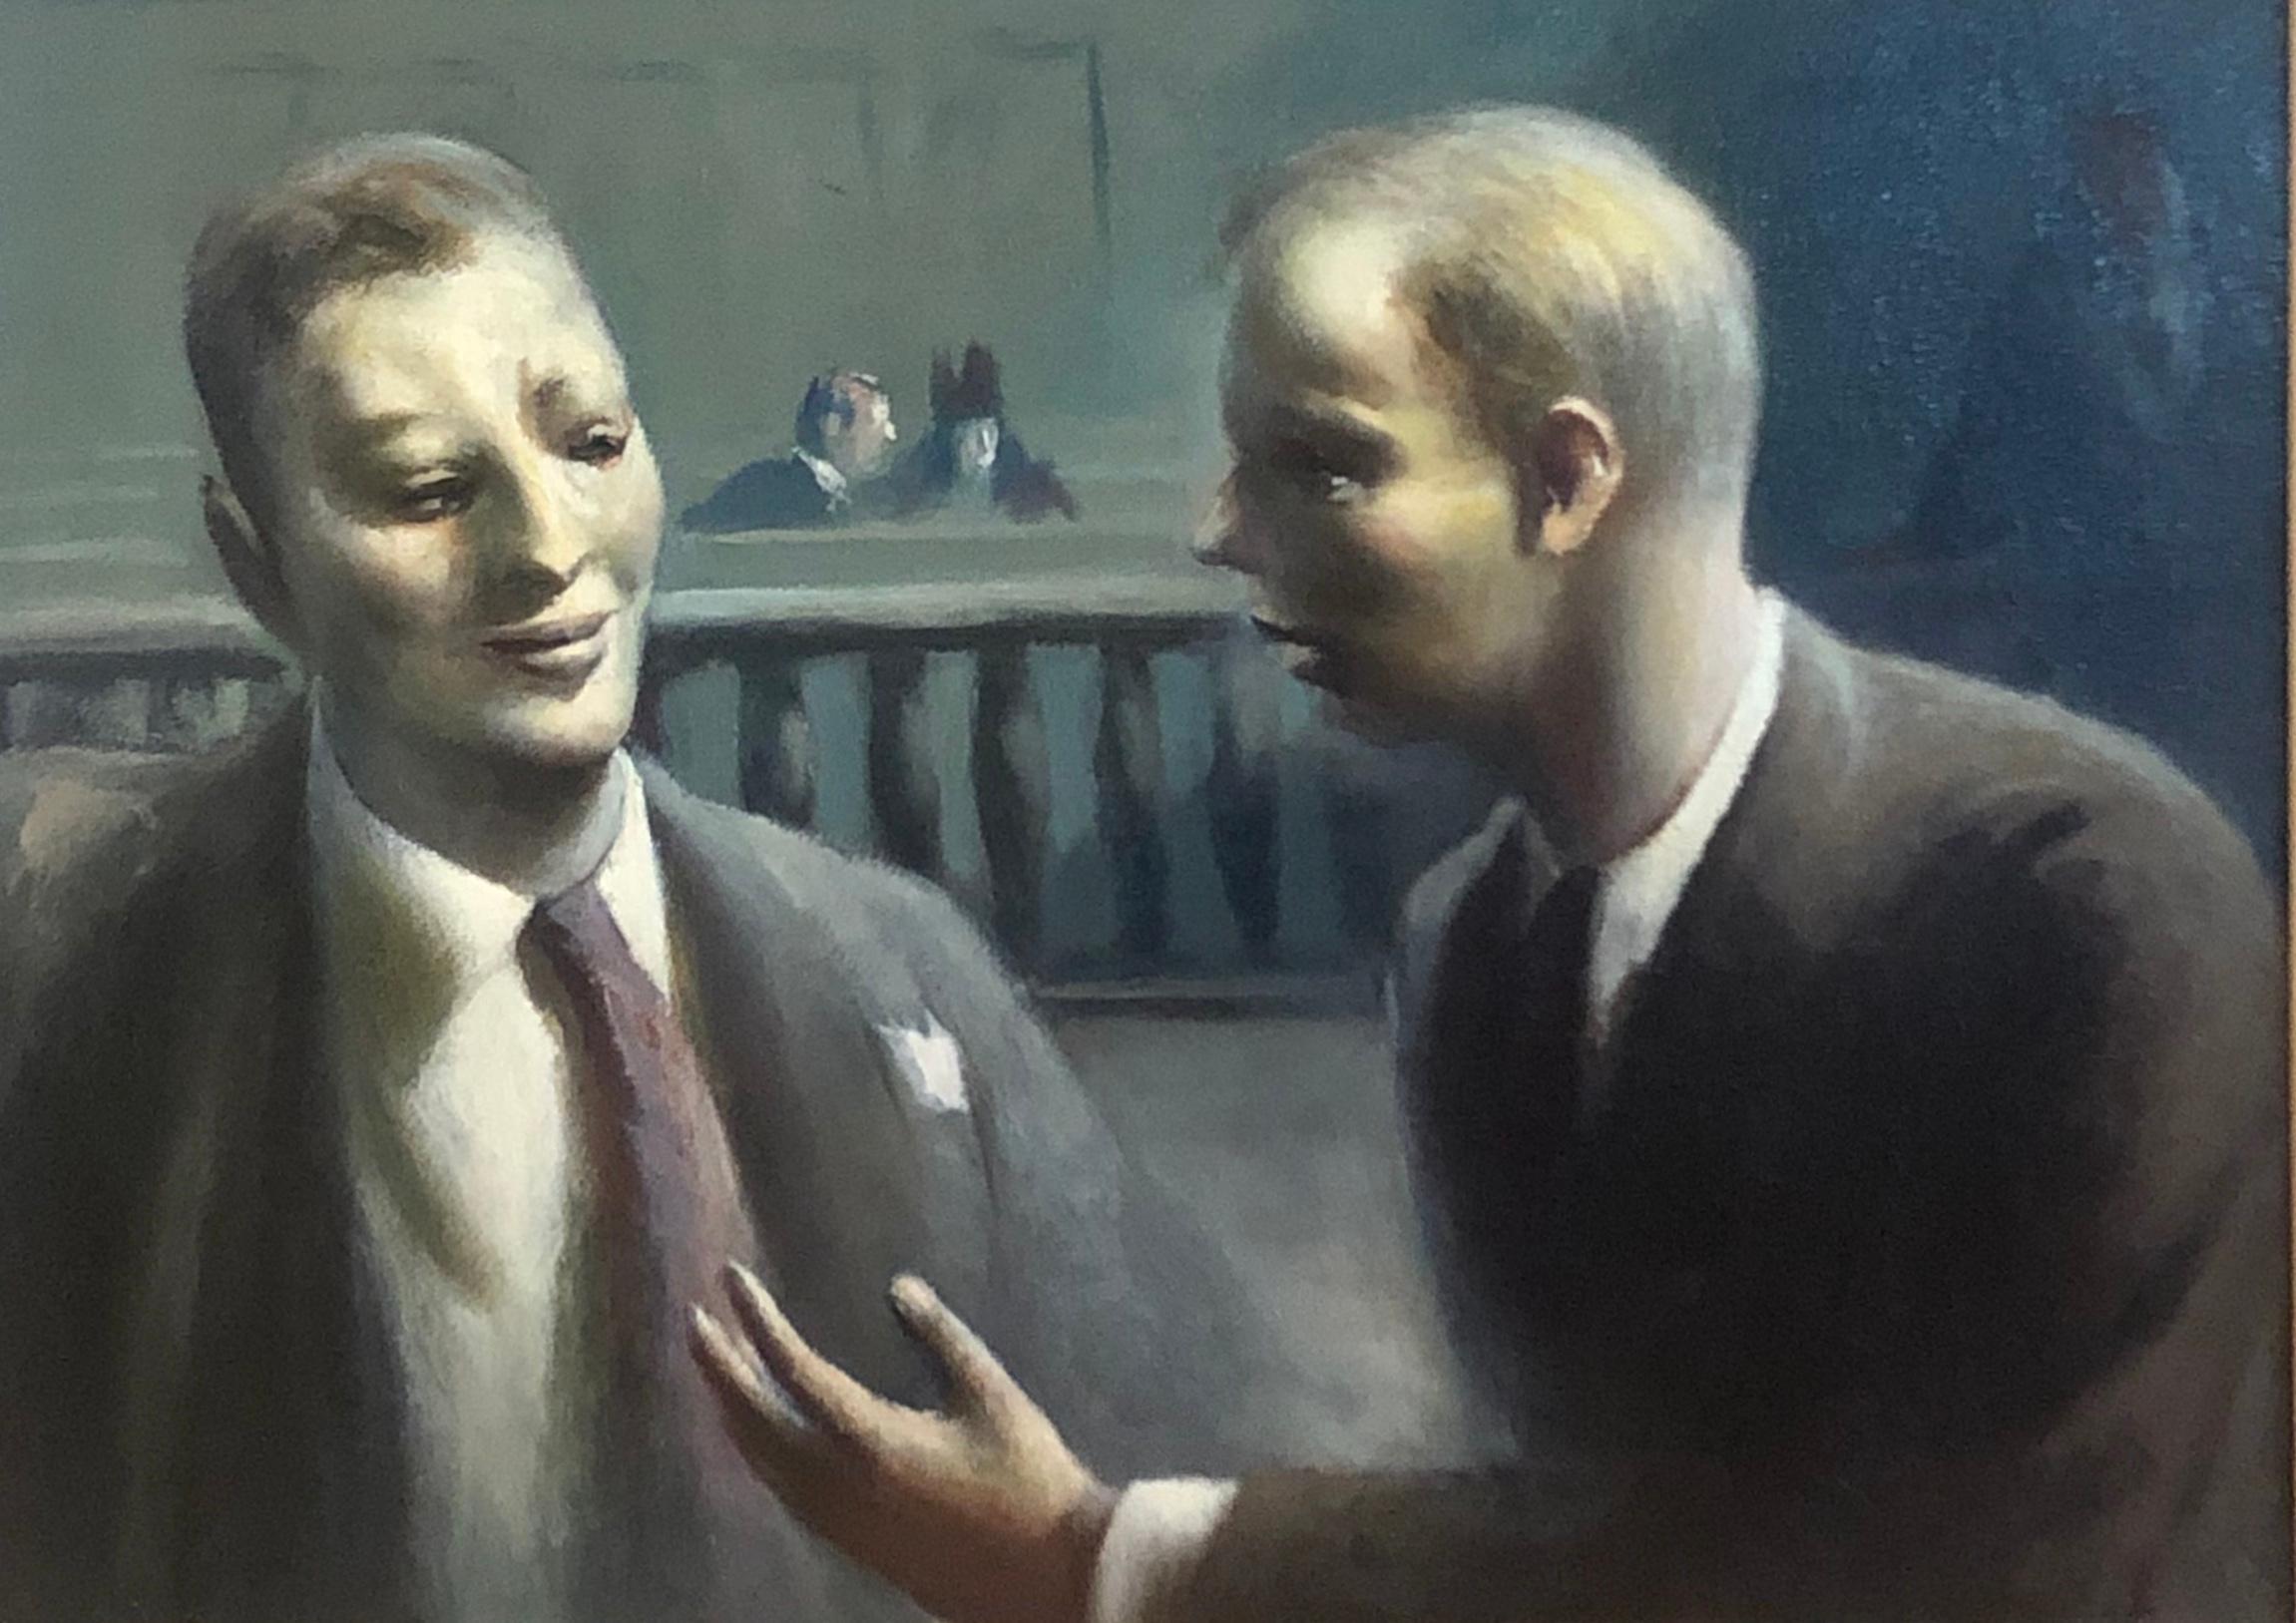 Guy Pene du Bois WPA American Modernism Realism NYC Scene Oil Lawyers in Court